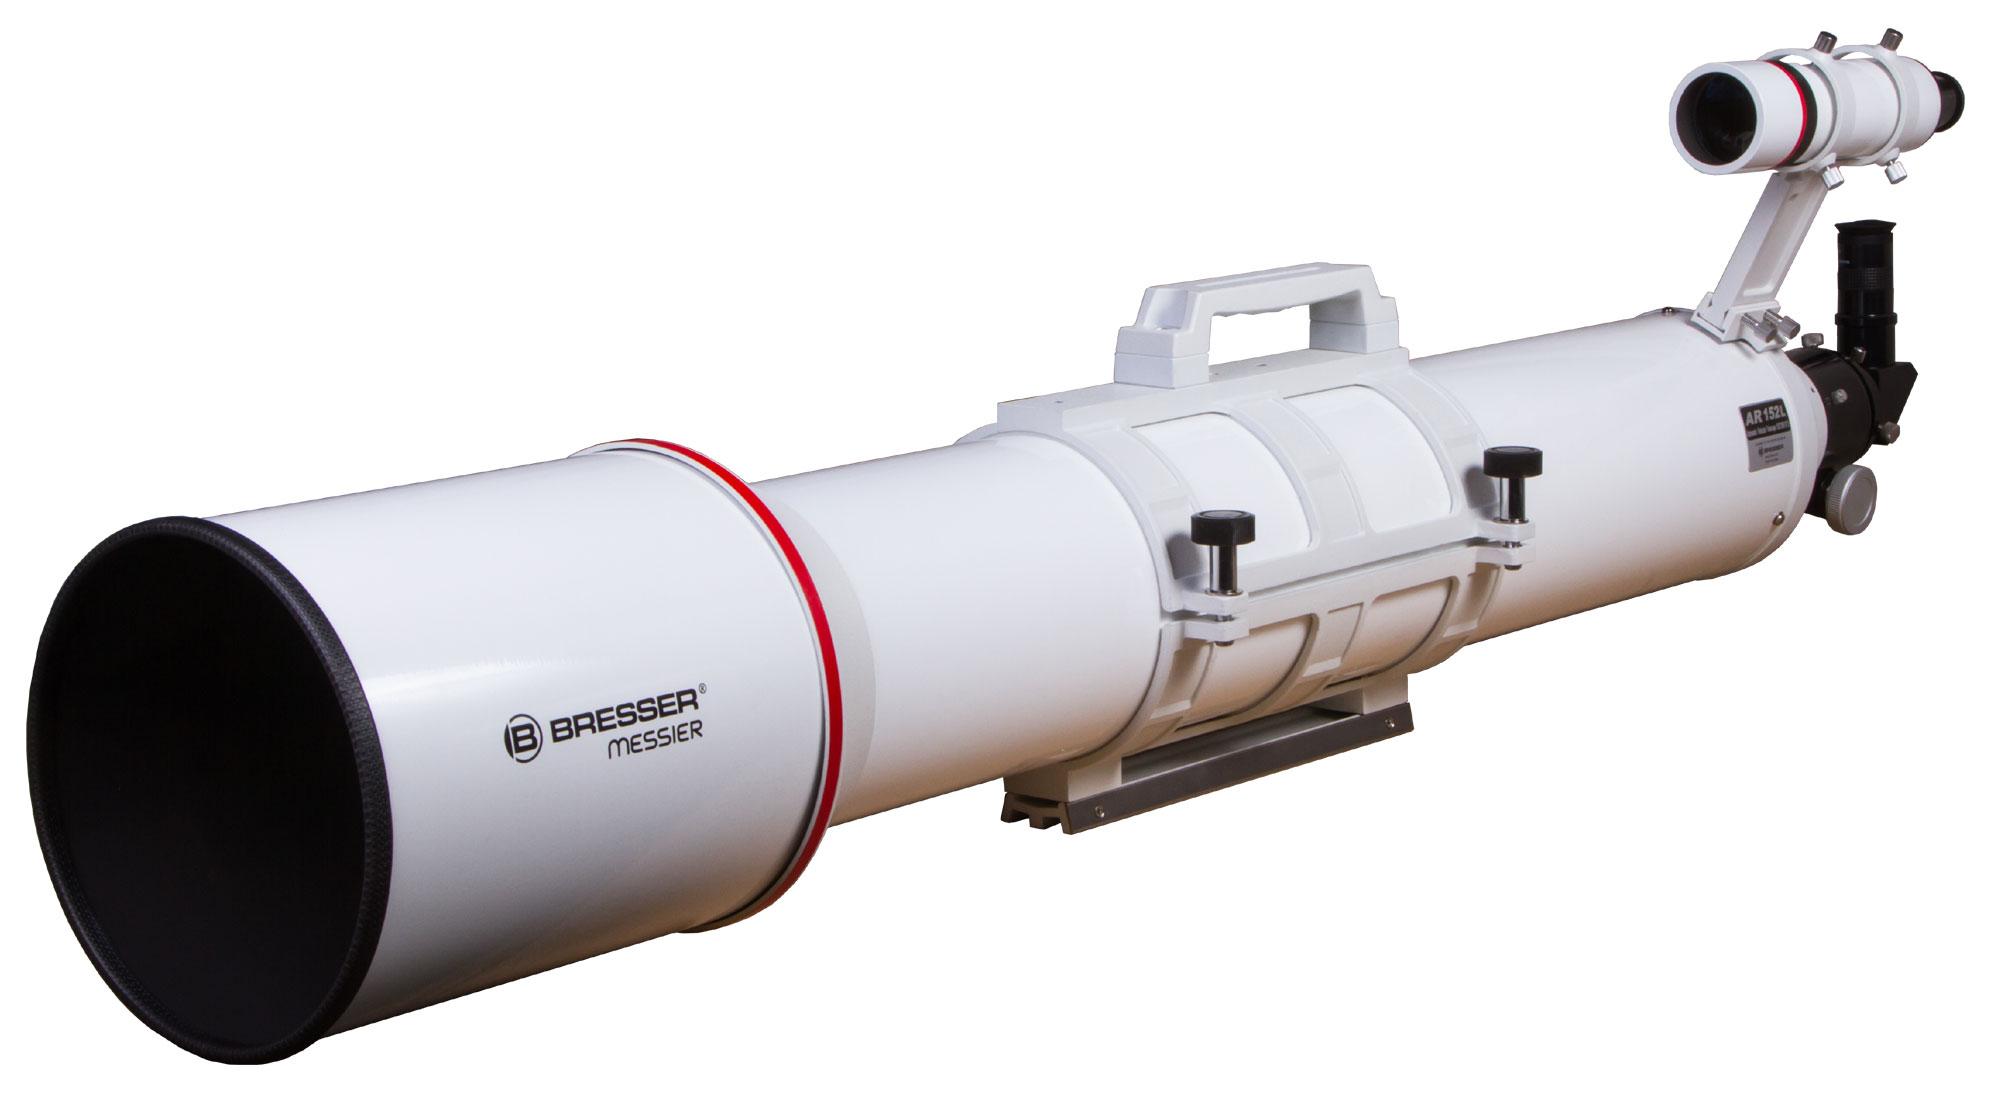 Труба оптическая Bresser (Брессер) Messier AR-152L/1200 Hexafoc фото